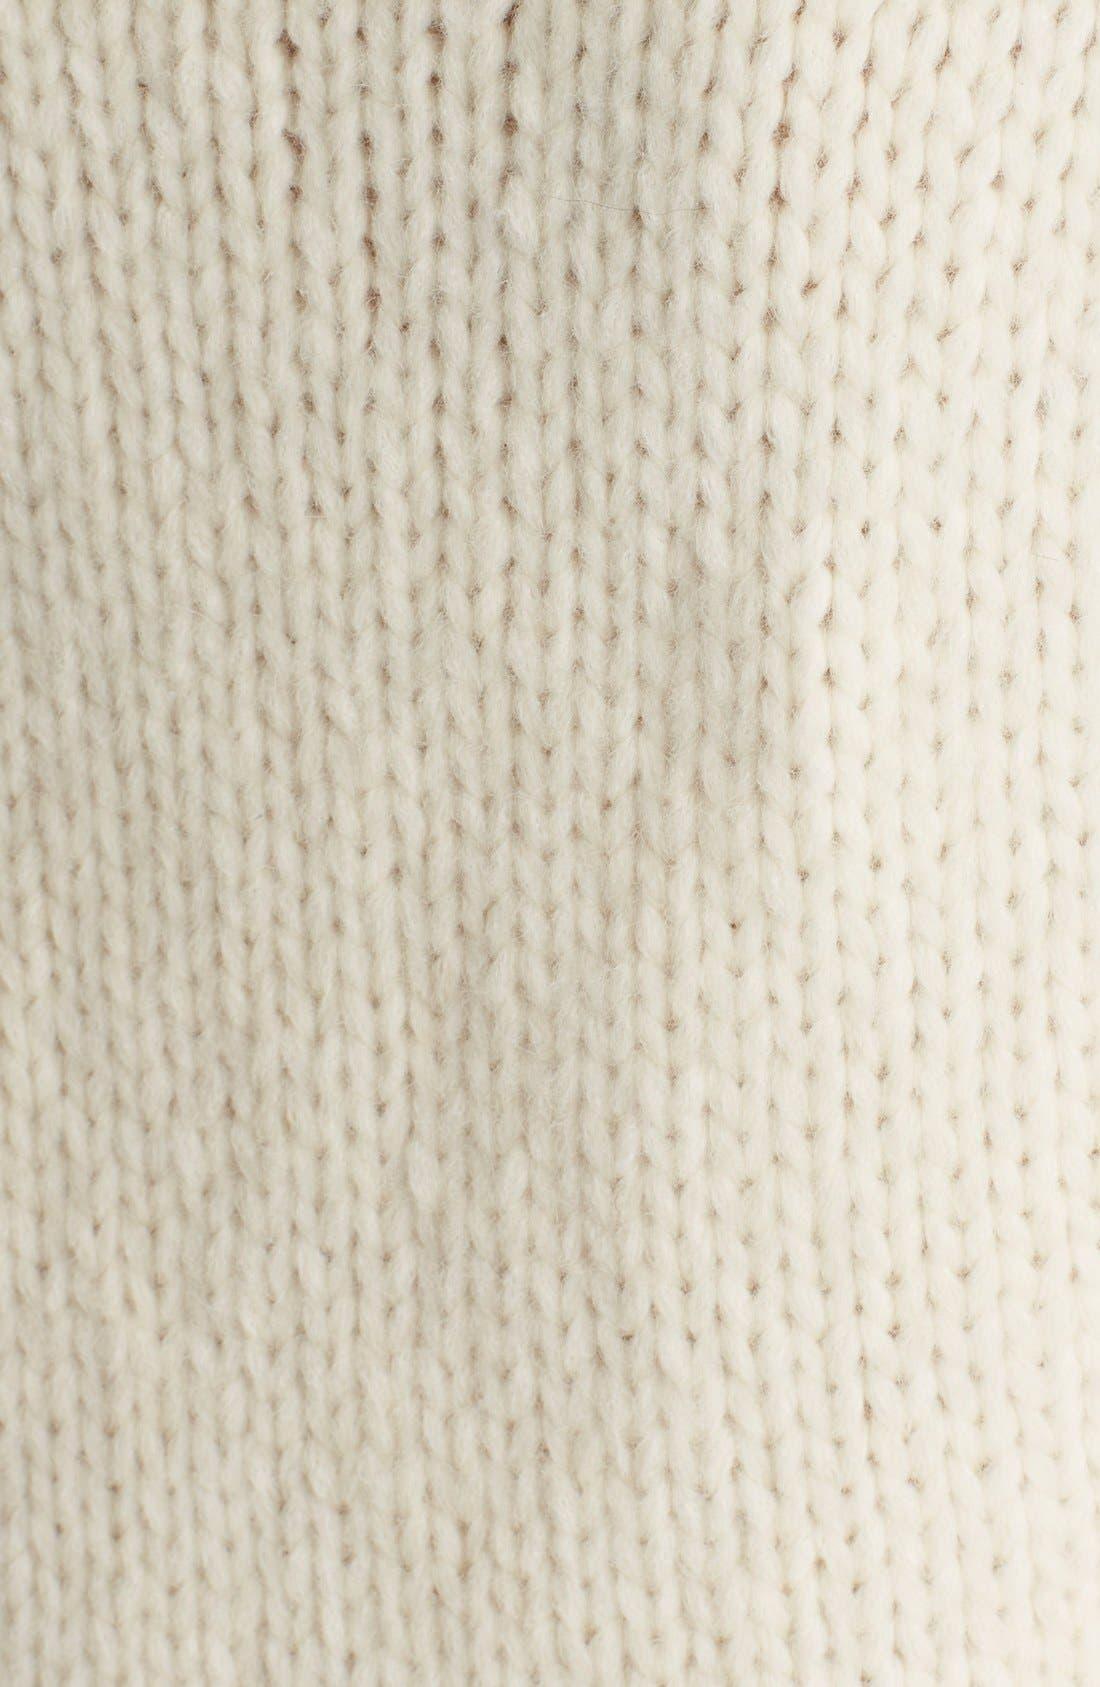 Alternate Image 3  - Theory 'Vandrona' Sleeveless Turtleneck